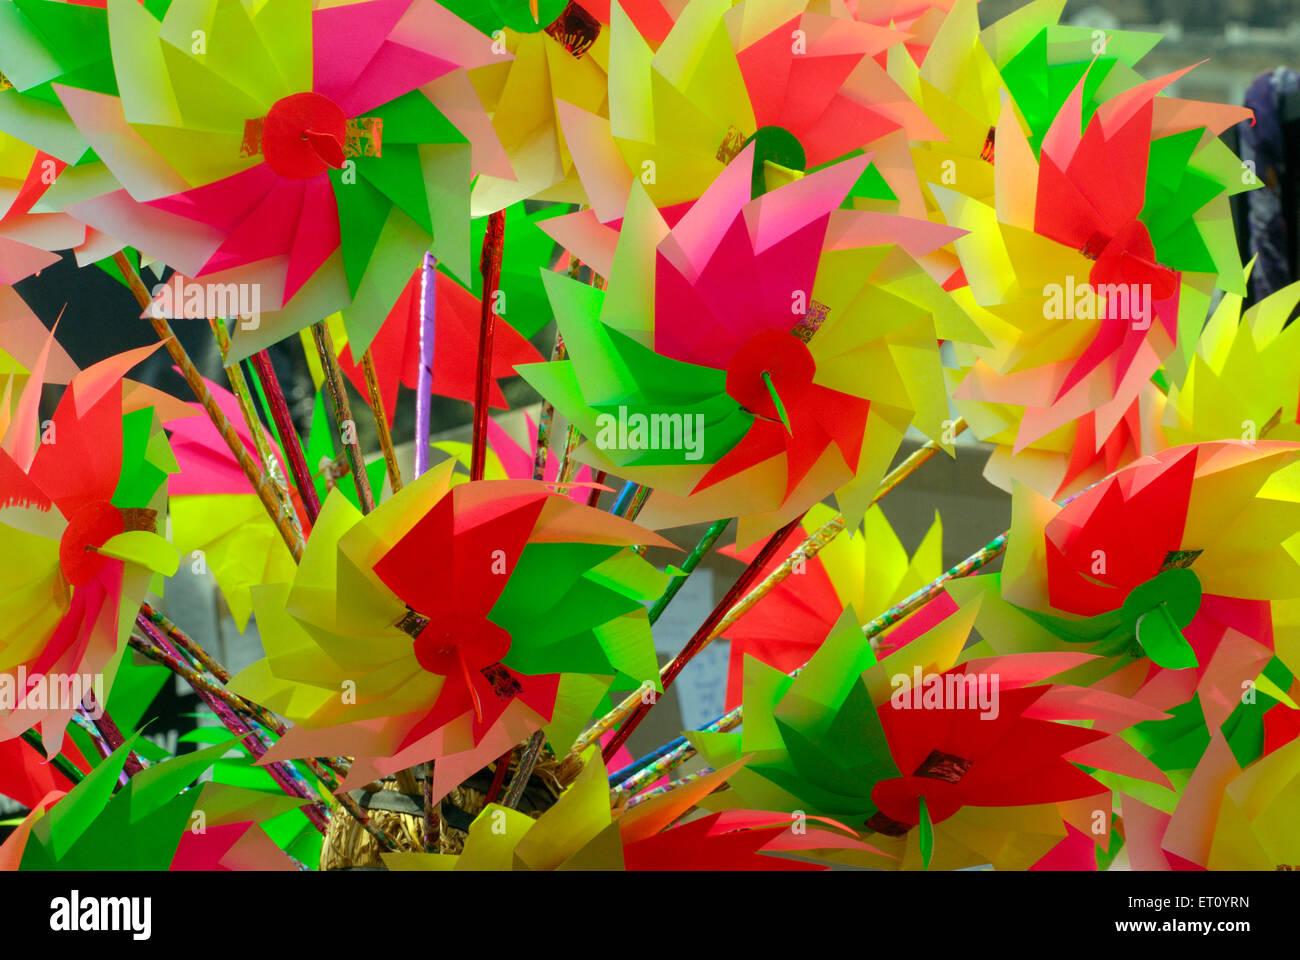 Carta colorata ruote Immagini Stock